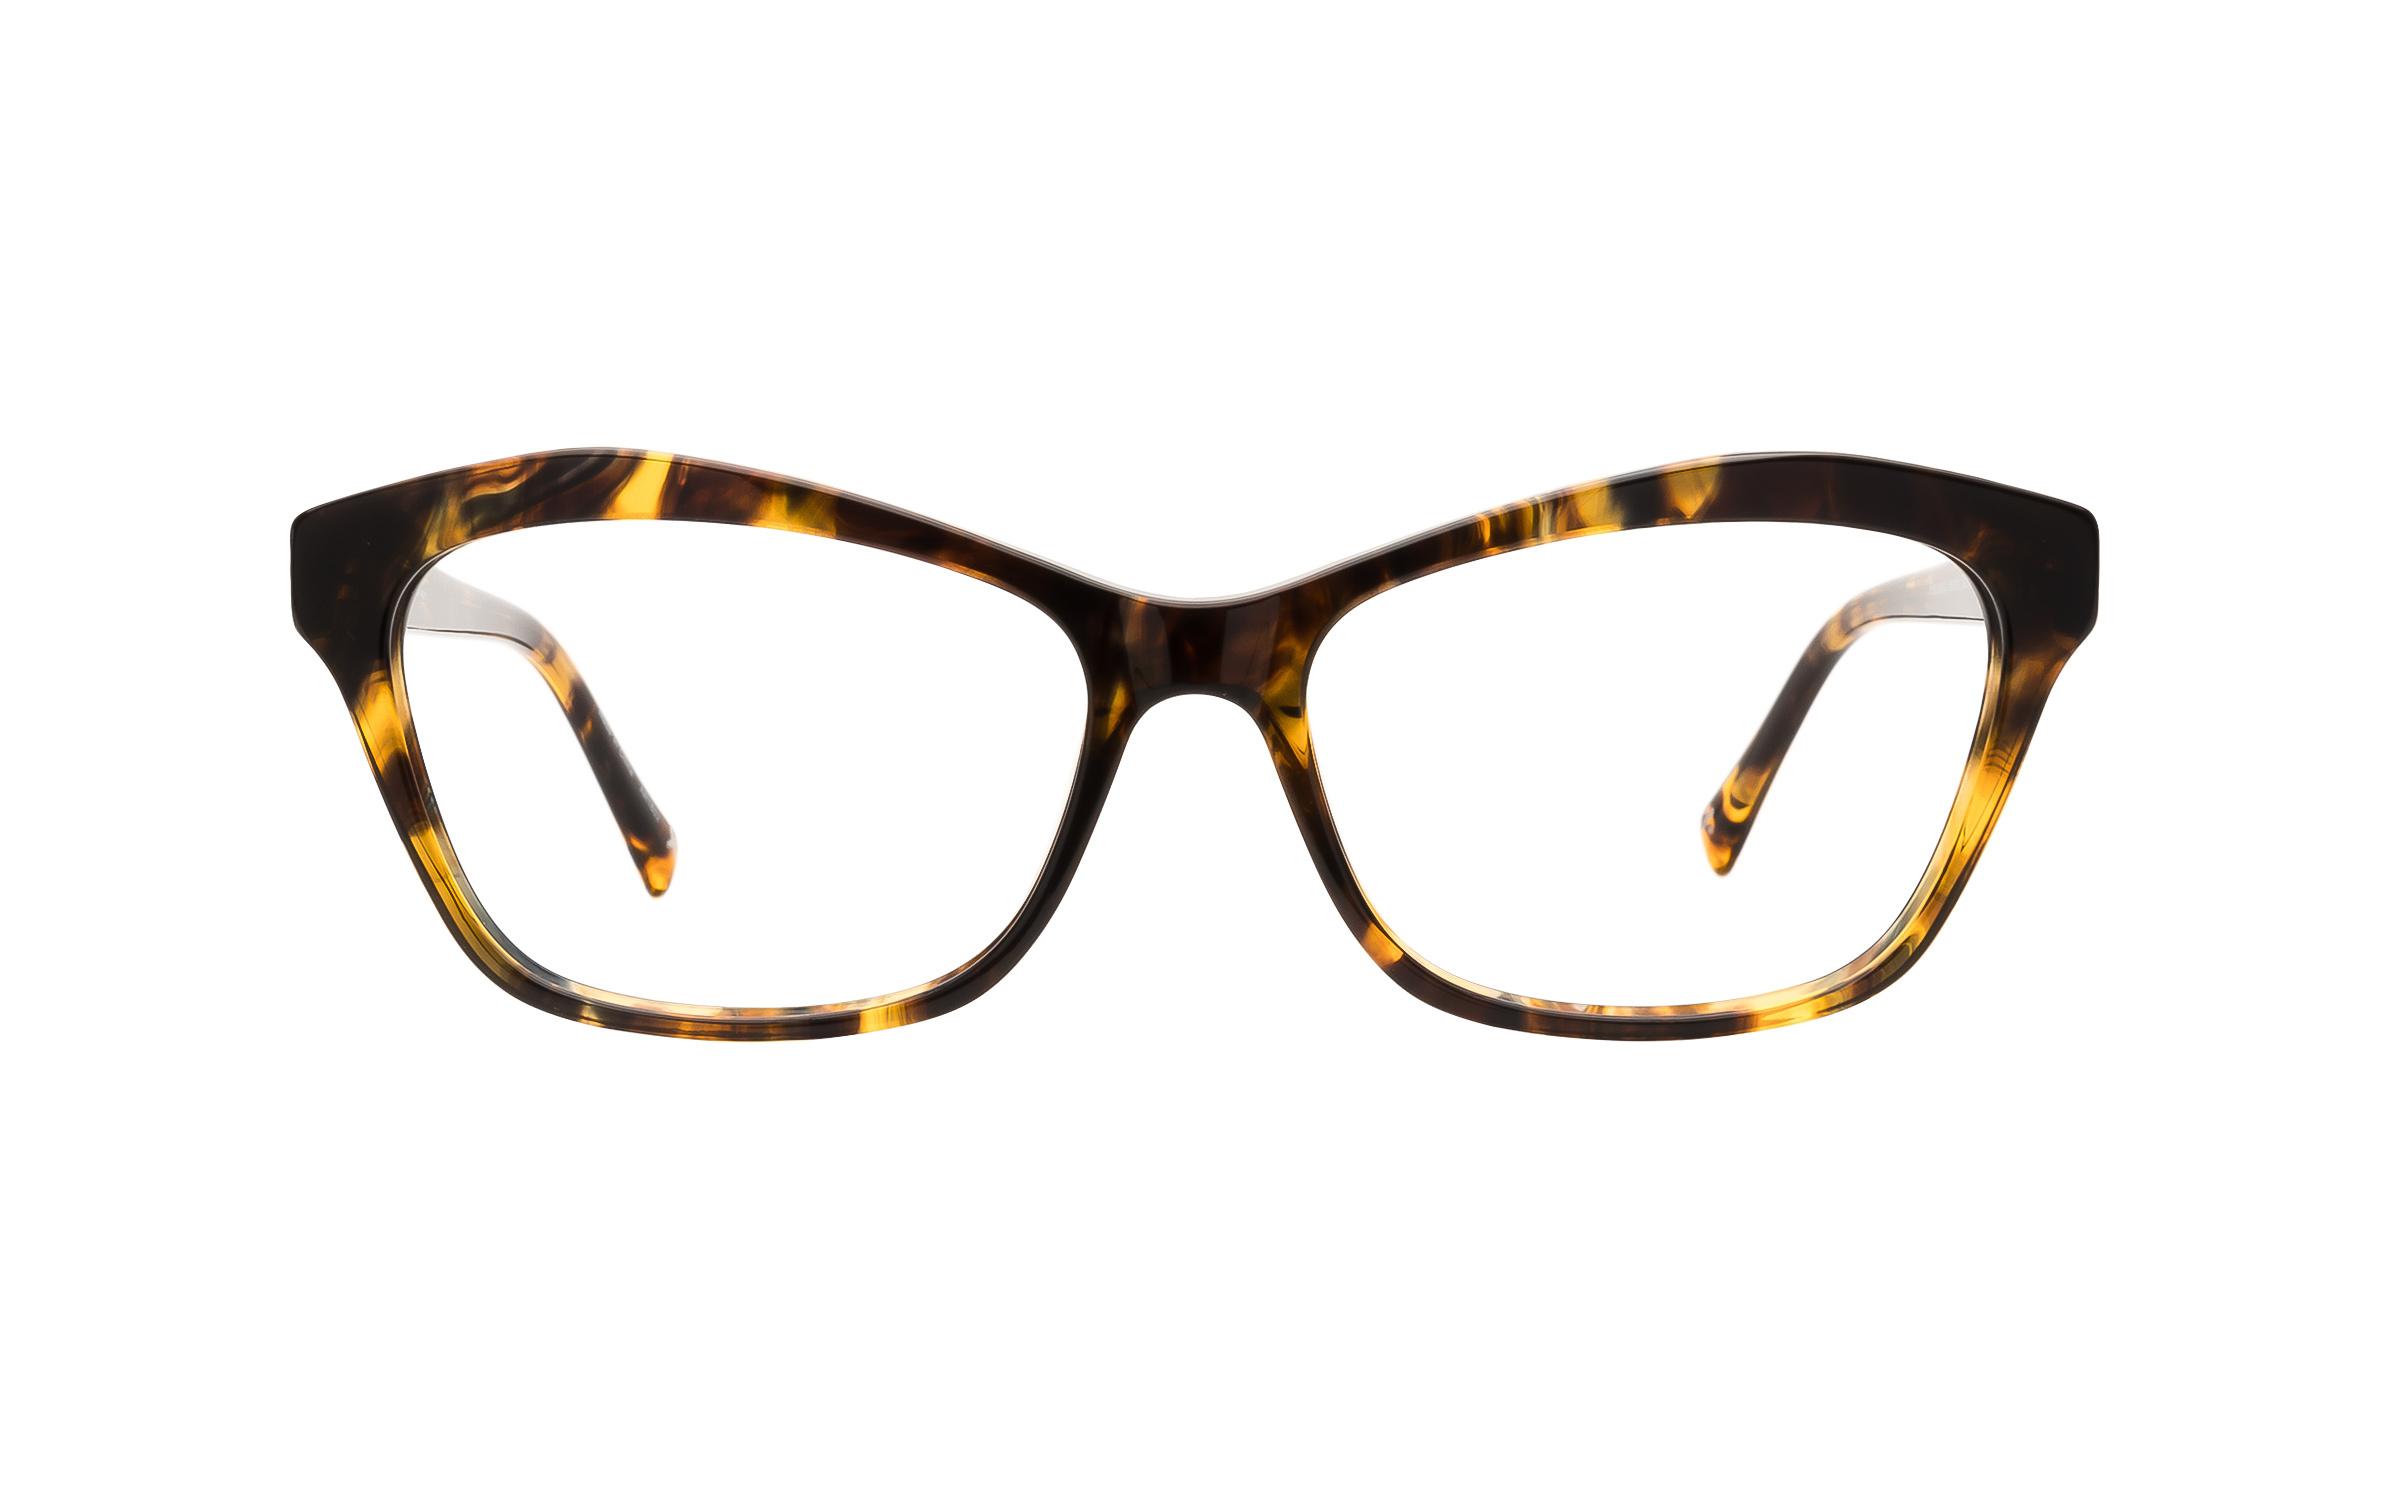 Derek_Cardigan_Womens_Glasses_CatEye_TortoiseBrown_Online_Coastal